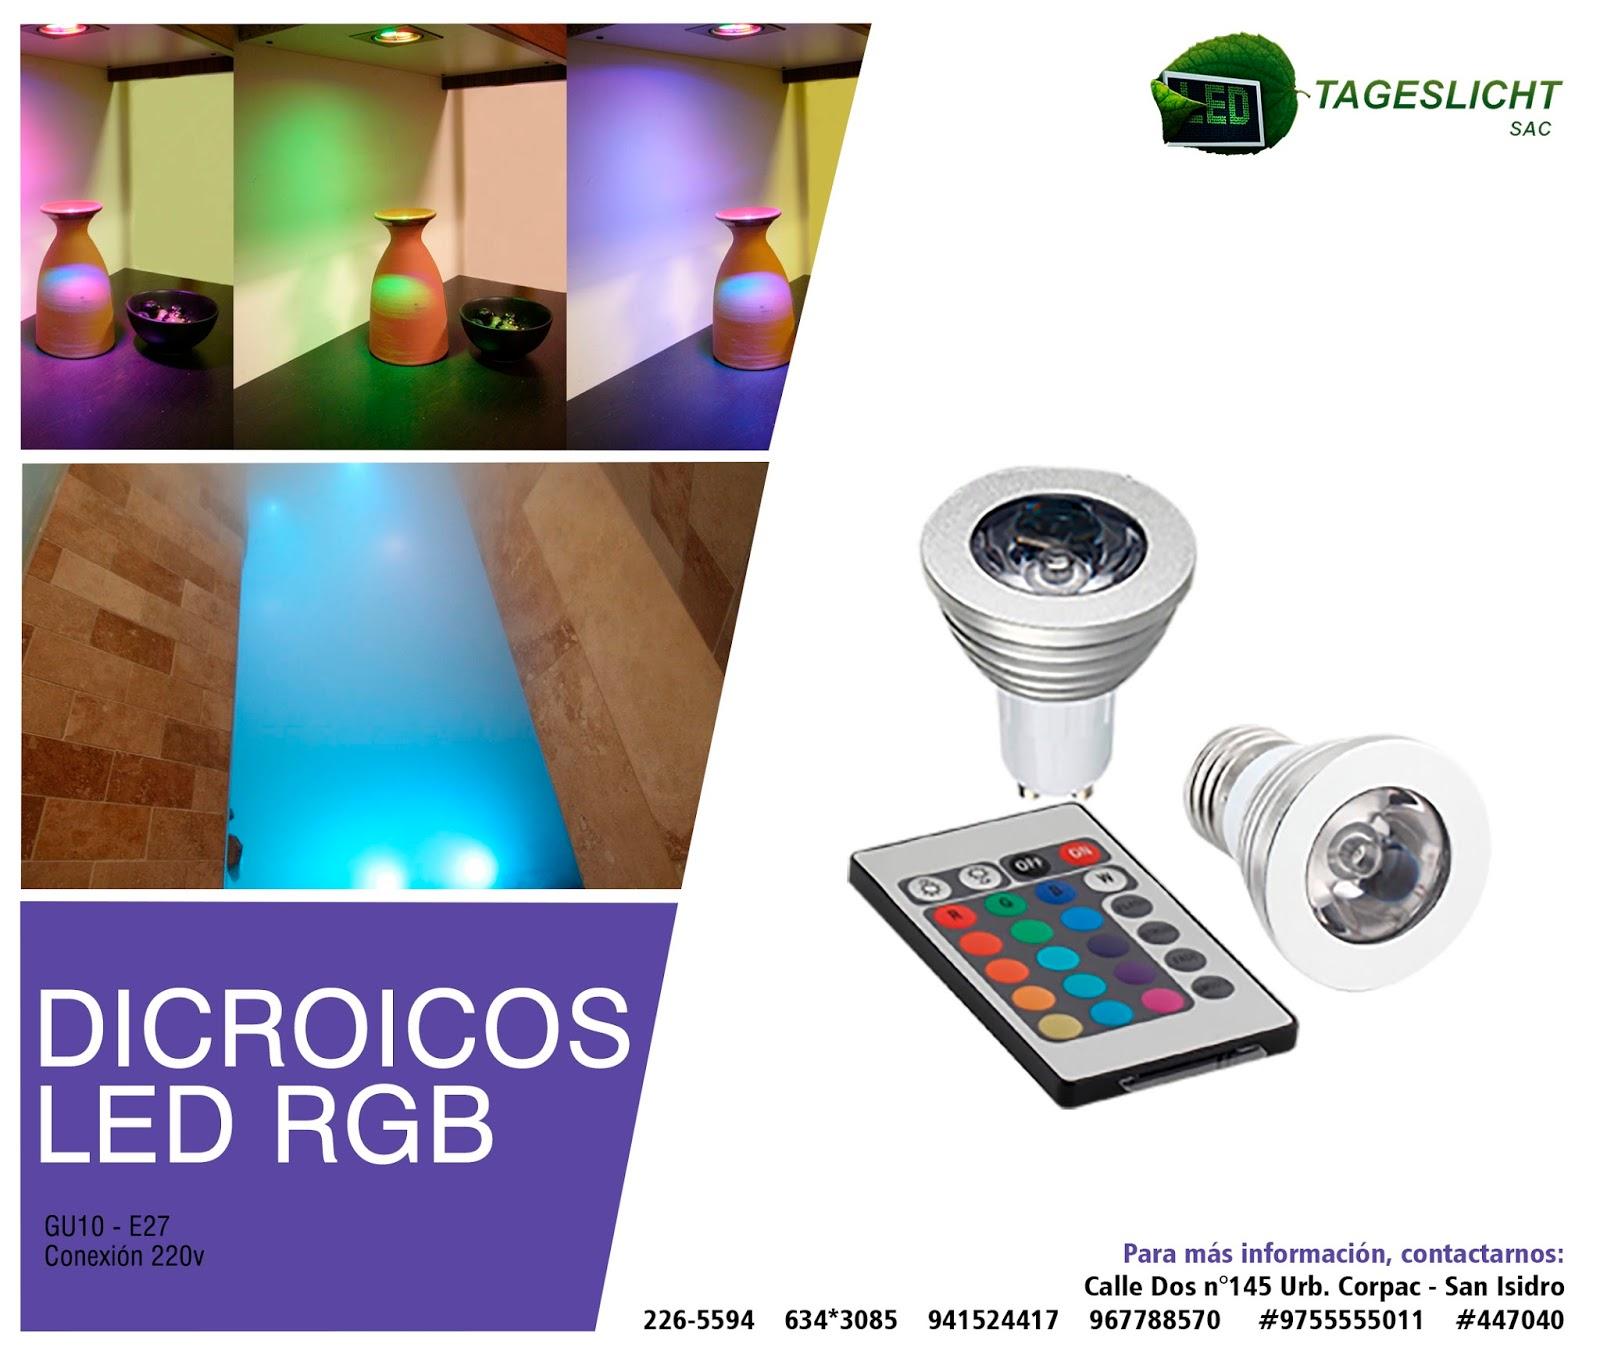 tageslicht iluminaci n led dicroico led rgb tageslicht sac. Black Bedroom Furniture Sets. Home Design Ideas